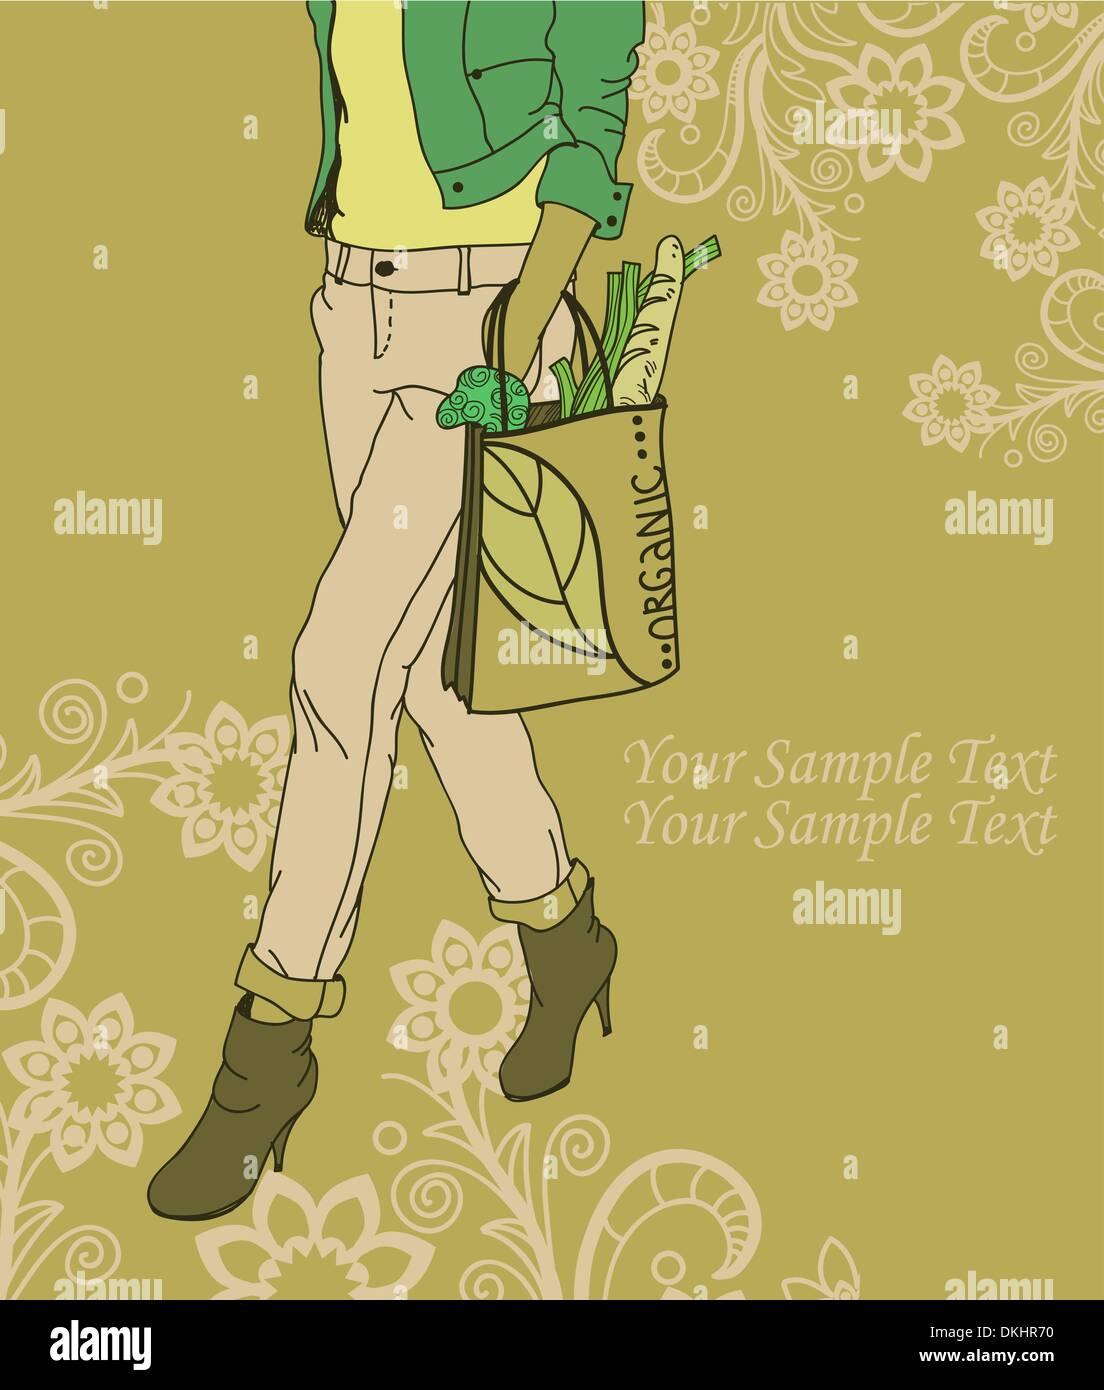 Moda ragazza con un sacco di prodotti organici su uno sfondo floreale Immagini Stock